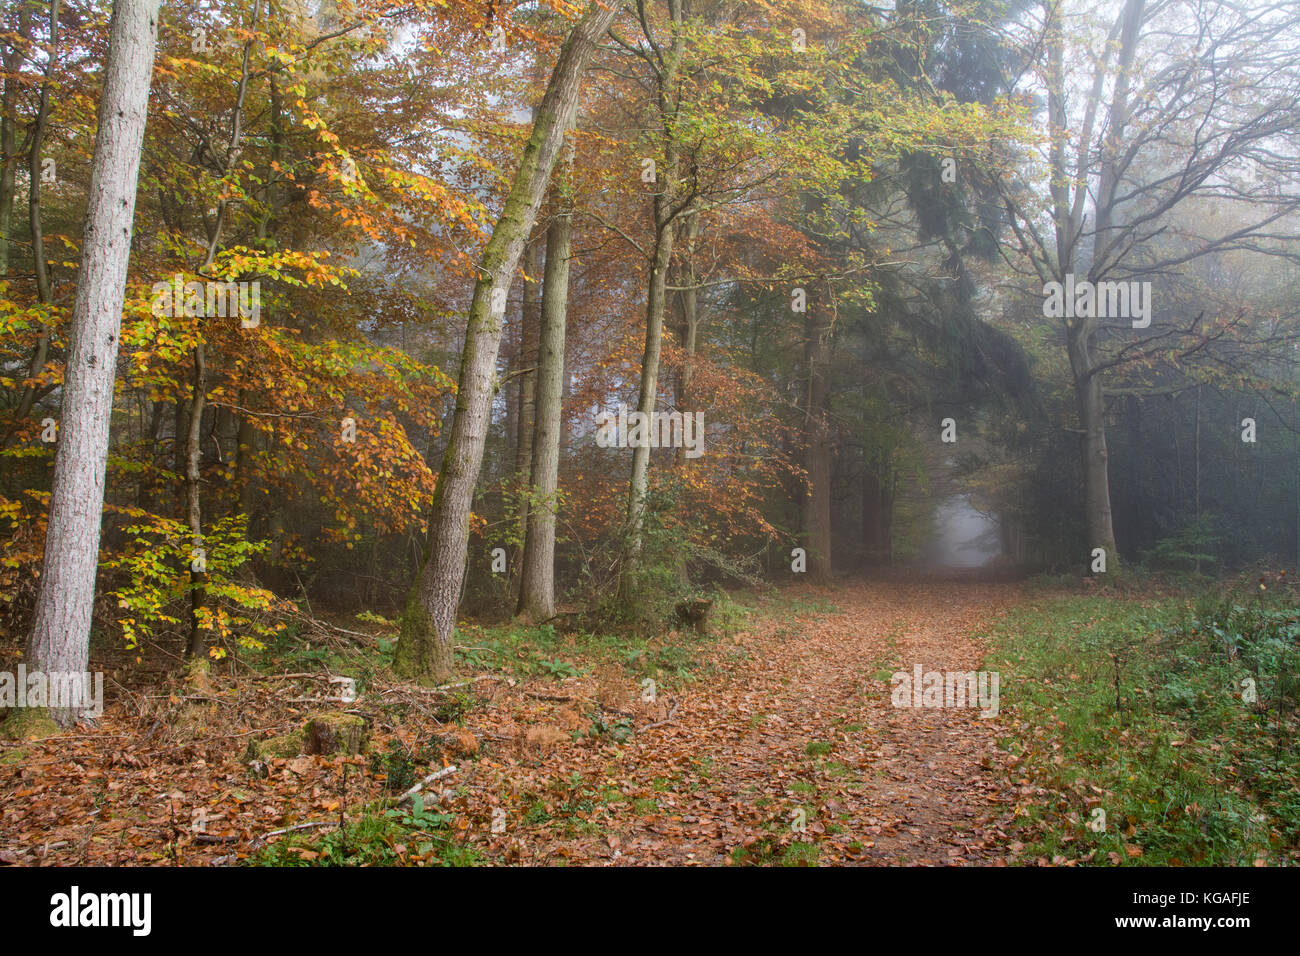 Paesaggio boschivo in una nebbiosa mattina di autunno a Ranmore comune in North Downs, Surrey, Regno Unito Immagini Stock